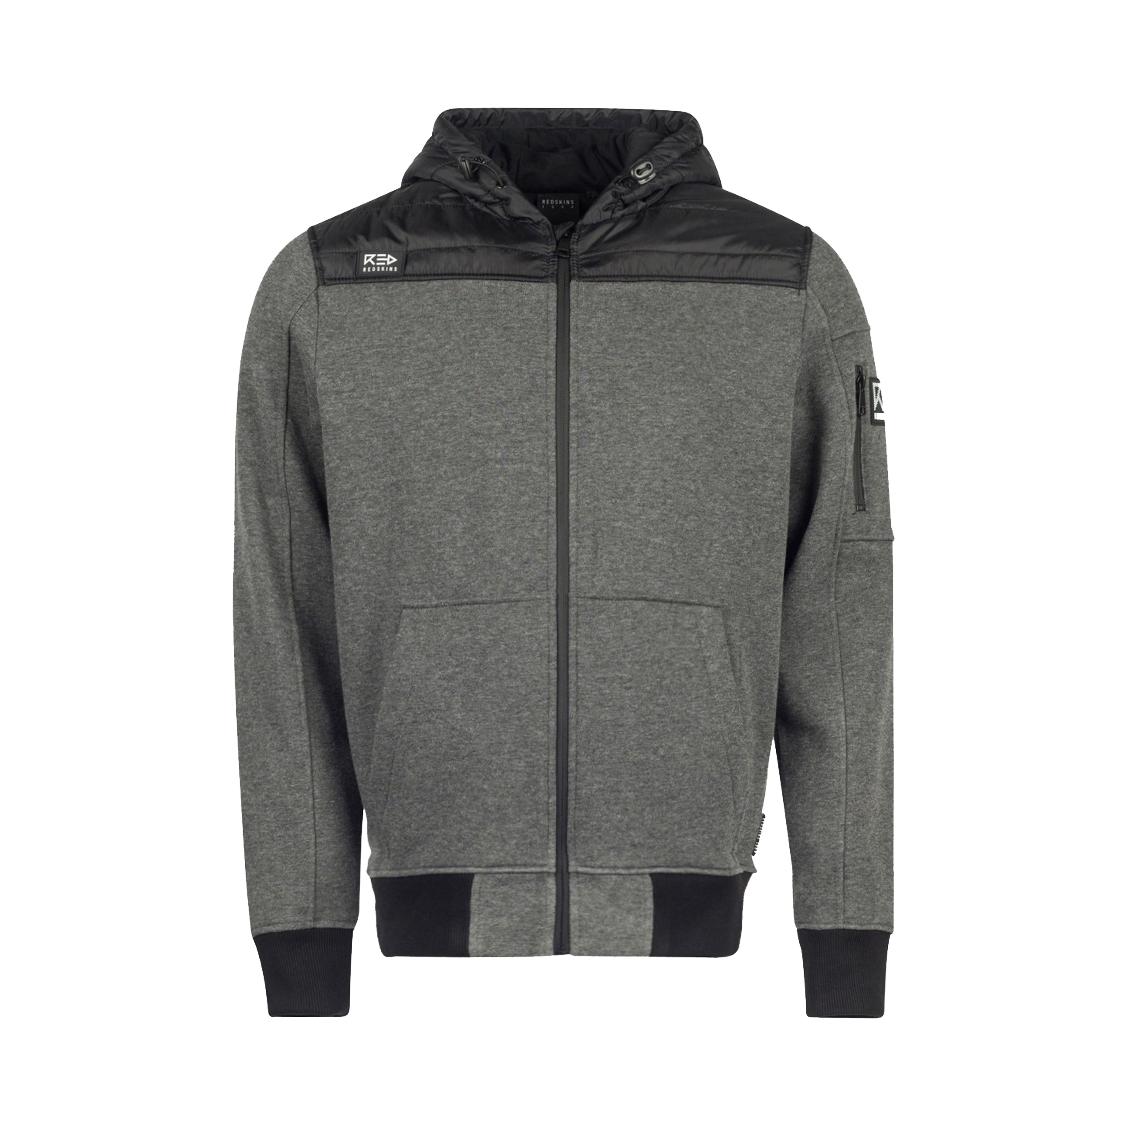 Sweat zippé à capuche  ladera stuy en coton mélangé gris anthracite à empiècements noirs